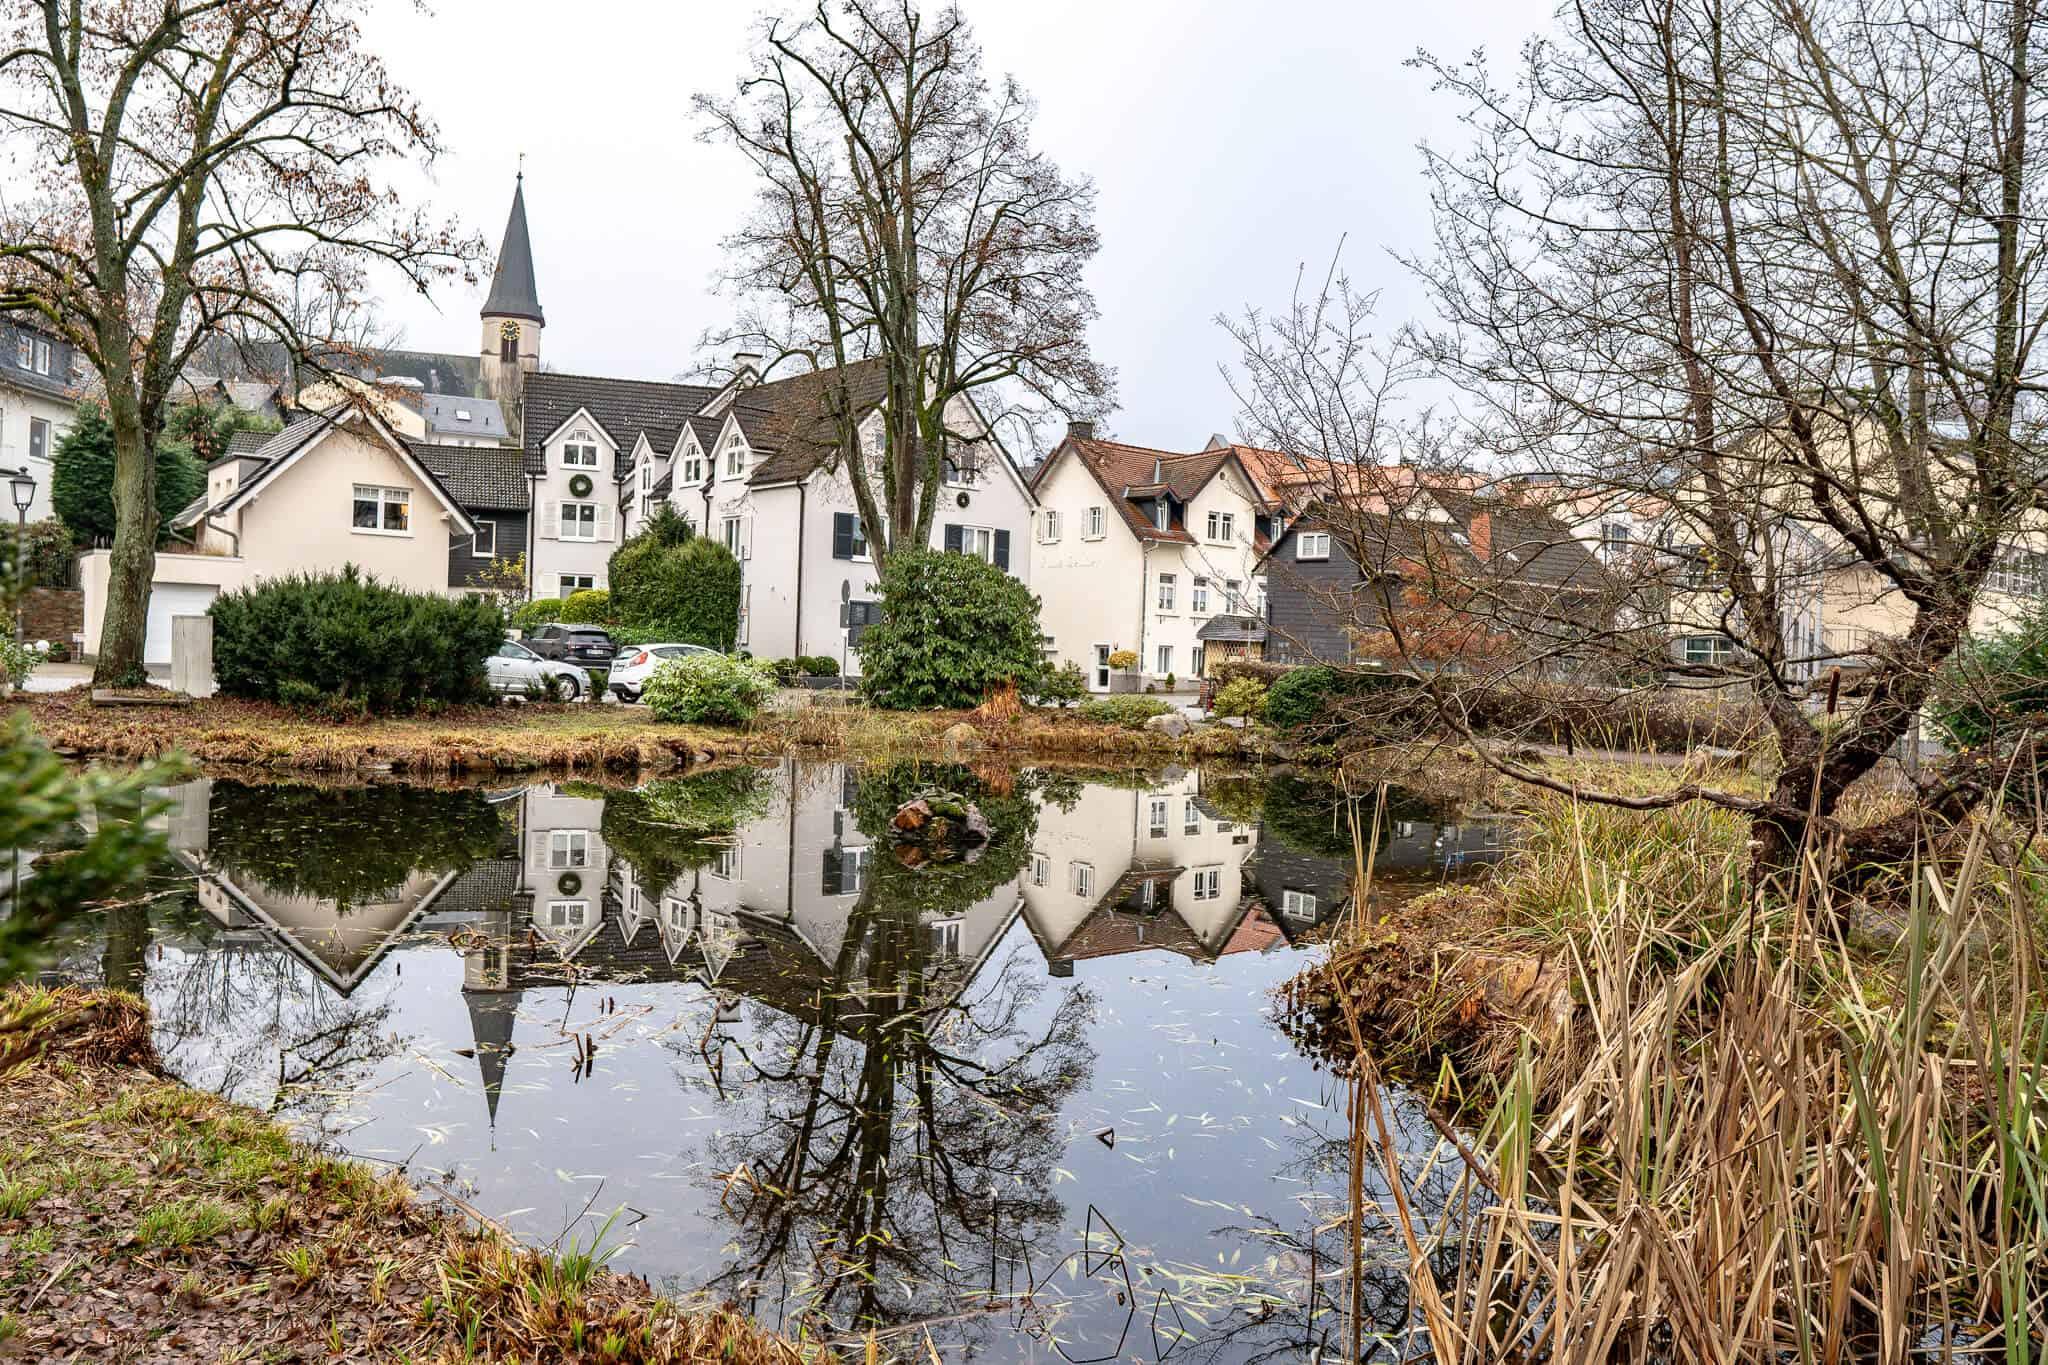 Spiegelung der Häuser in Königstein